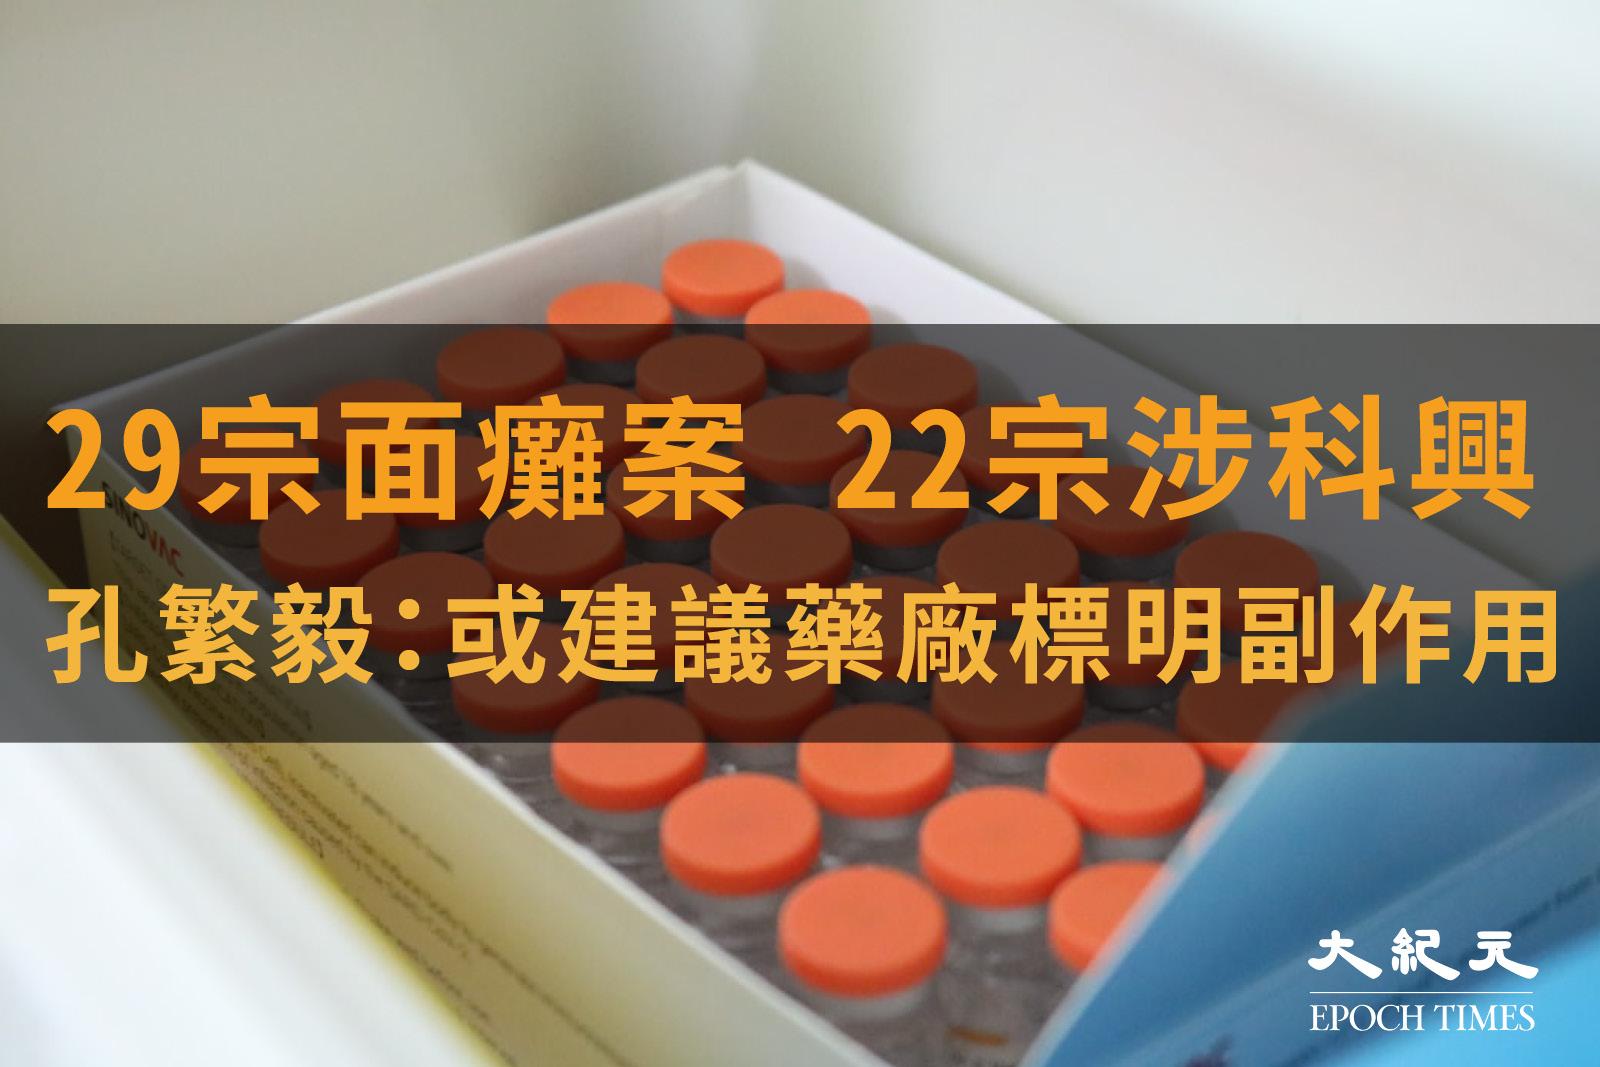 截至上月18日,本港接獲29宗接種疫苗後面癱的個案,其中22宗涉及科興。孔繁毅表示,會視乎情況建議藥廠加入面癱屬接種的副作用。(大紀元製圖)